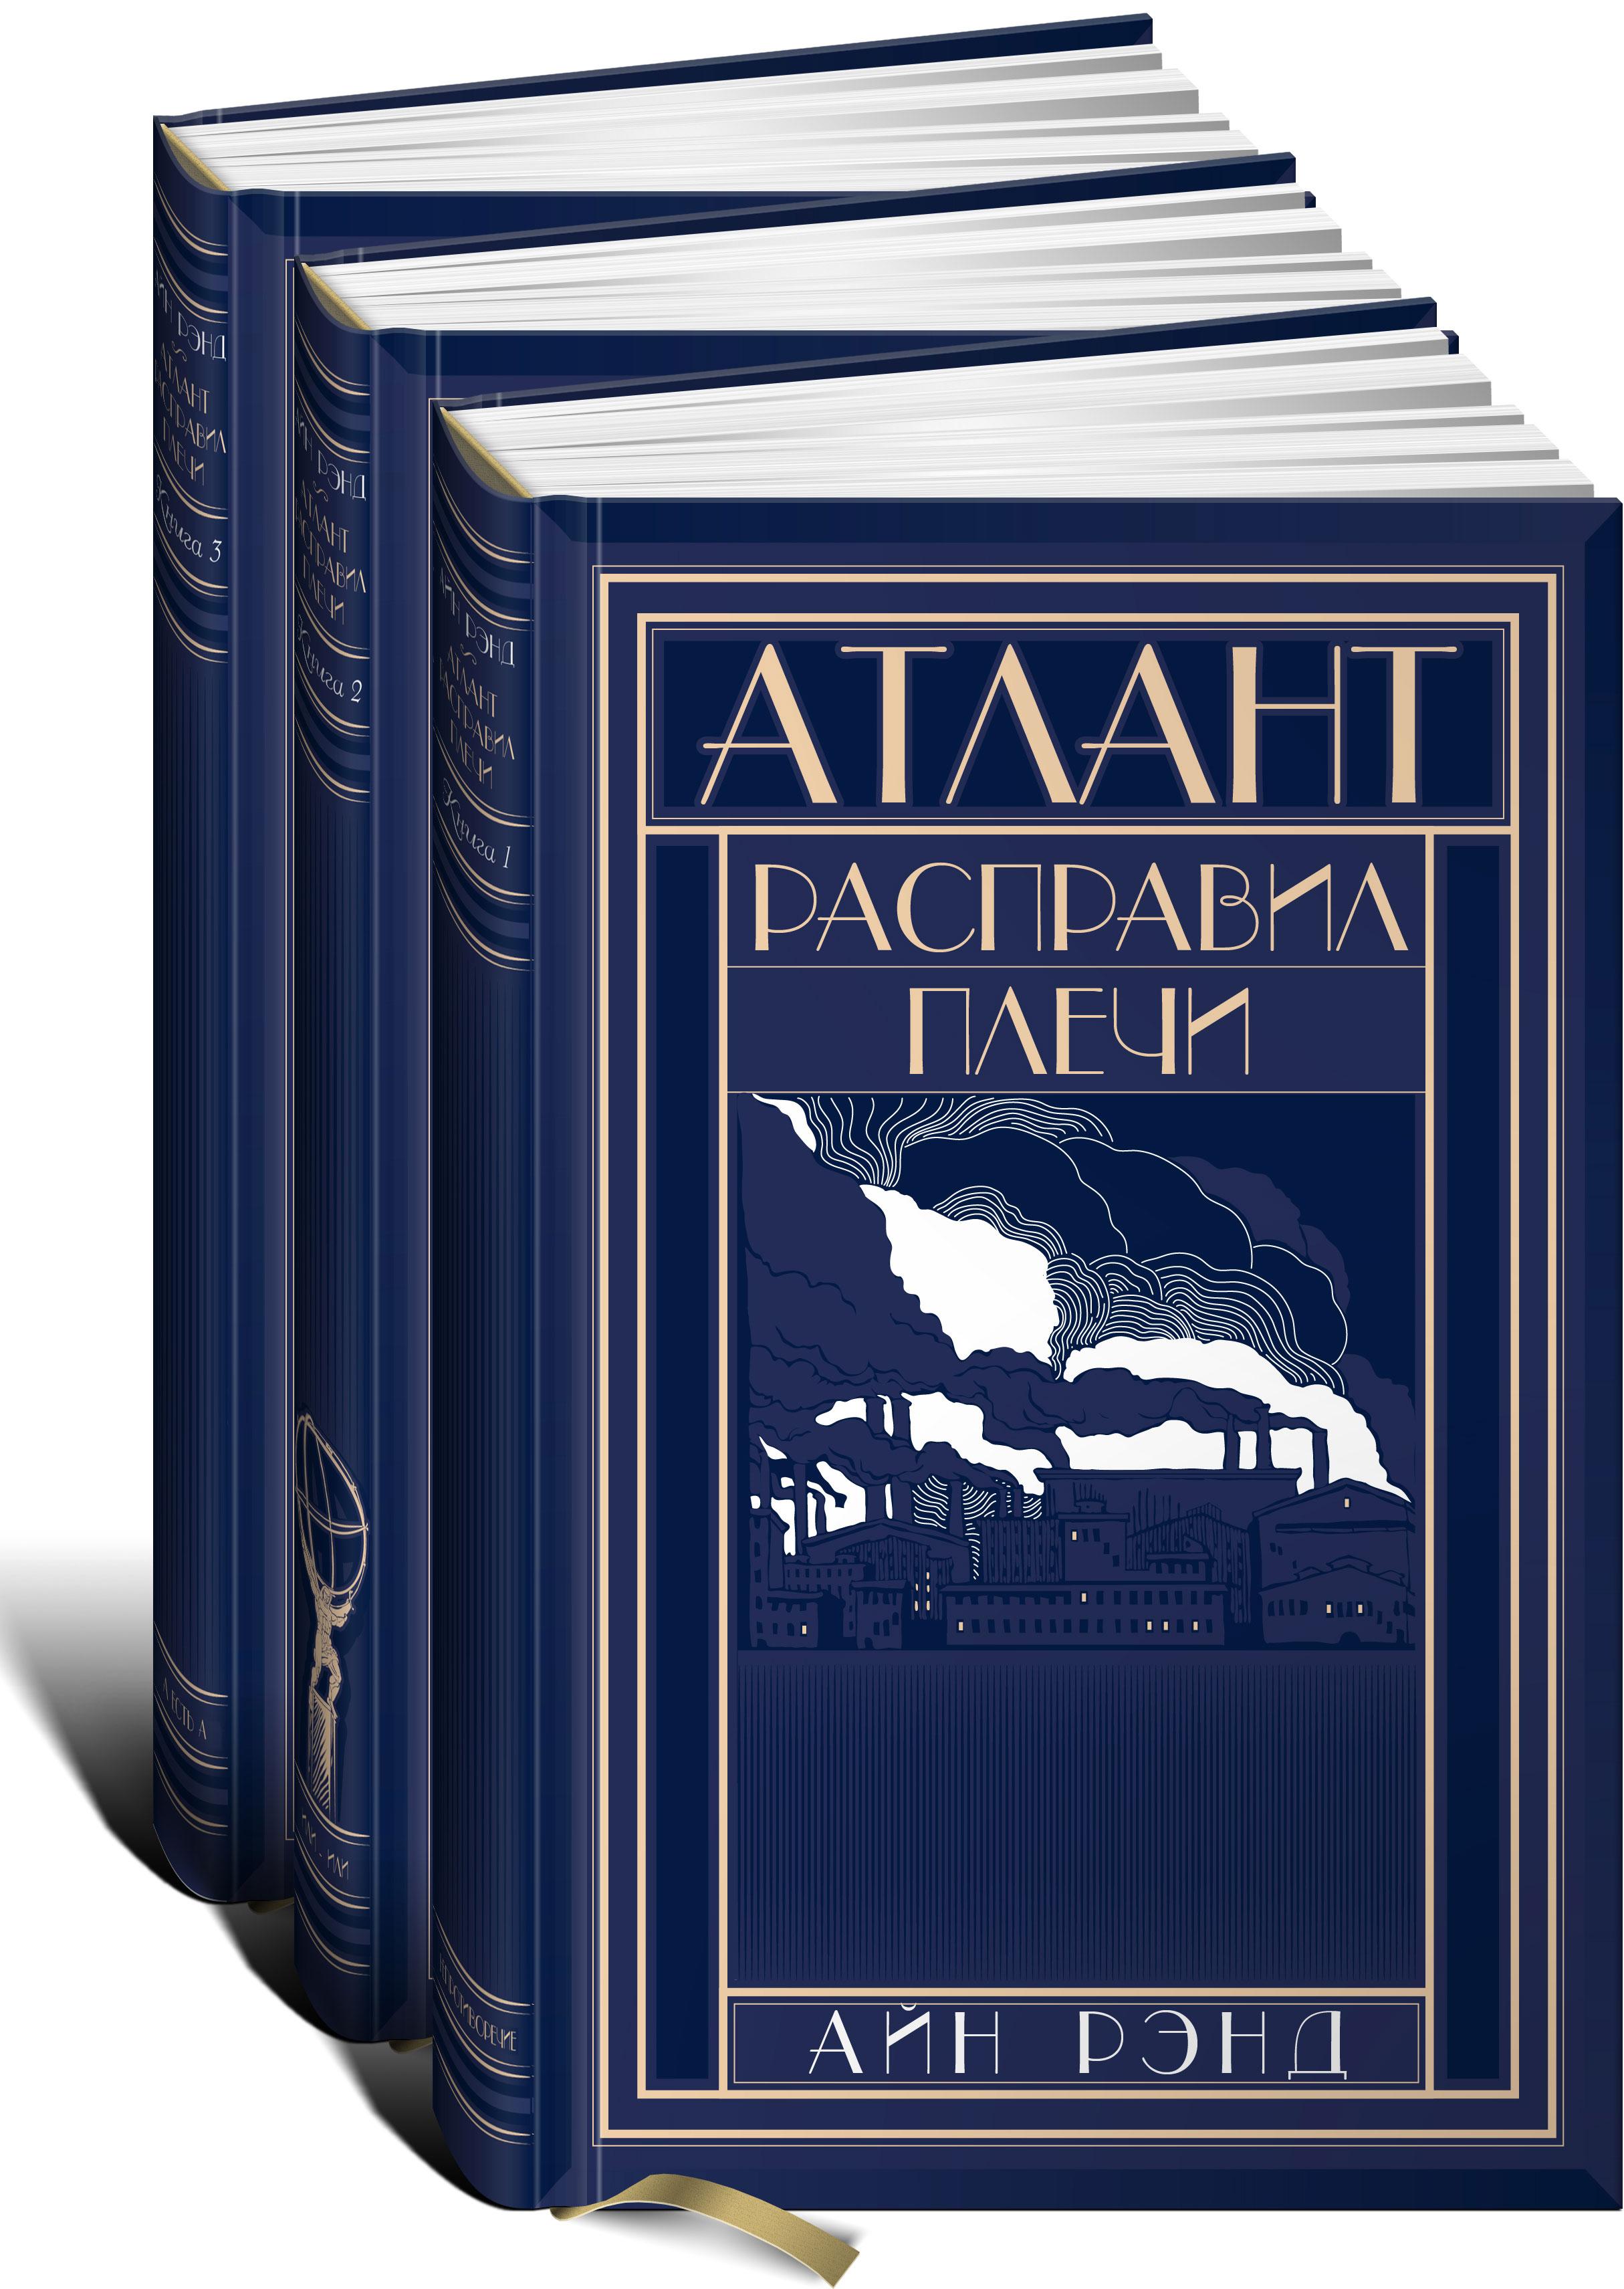 Айн Рэнд Атлант расправил плечи (подарочный комплект из 3 книг) пейкофф леонард объективизм философия айн рэнд